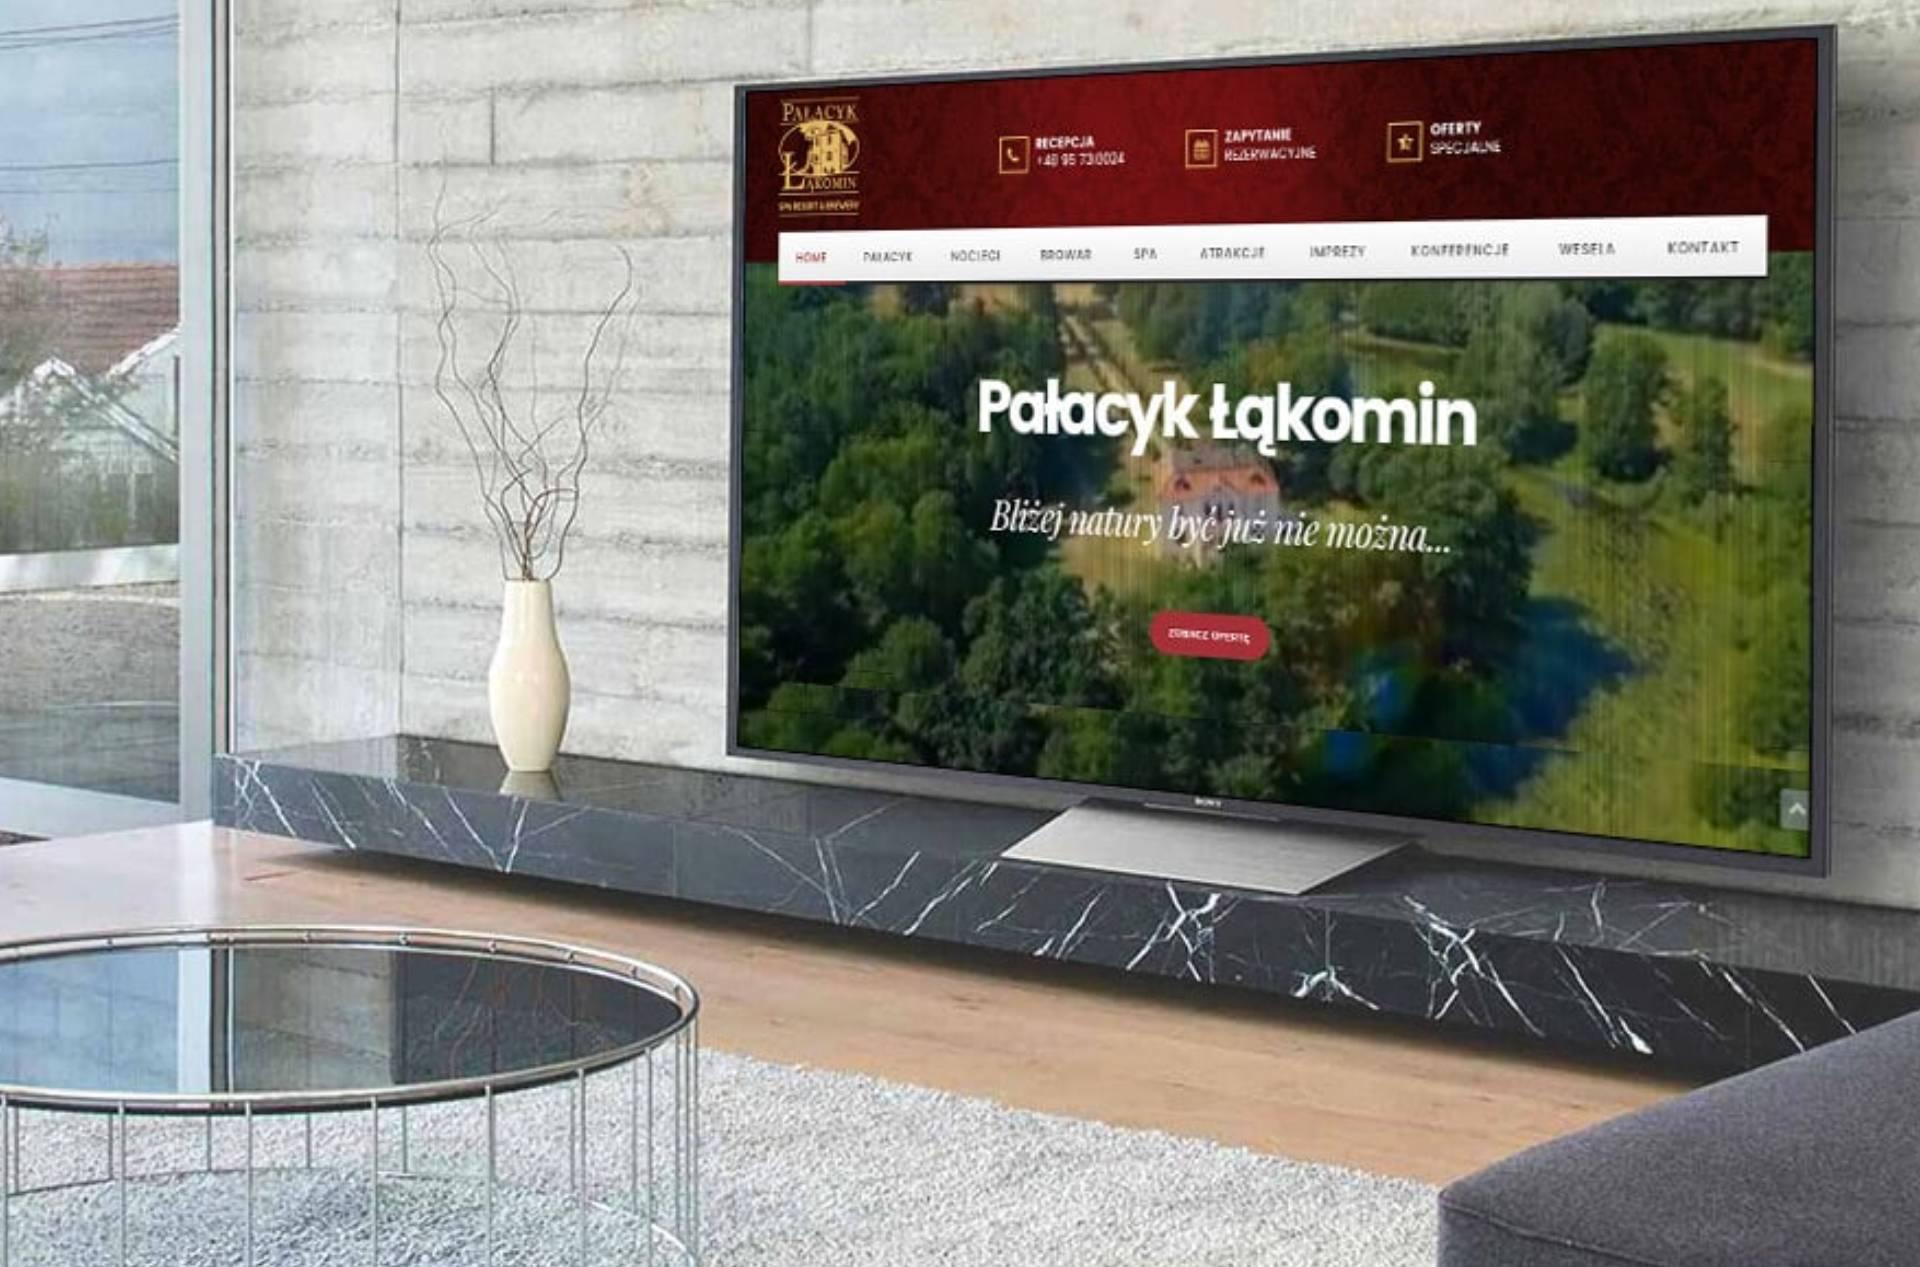 ROAN24 Łąkomin Palace Site web